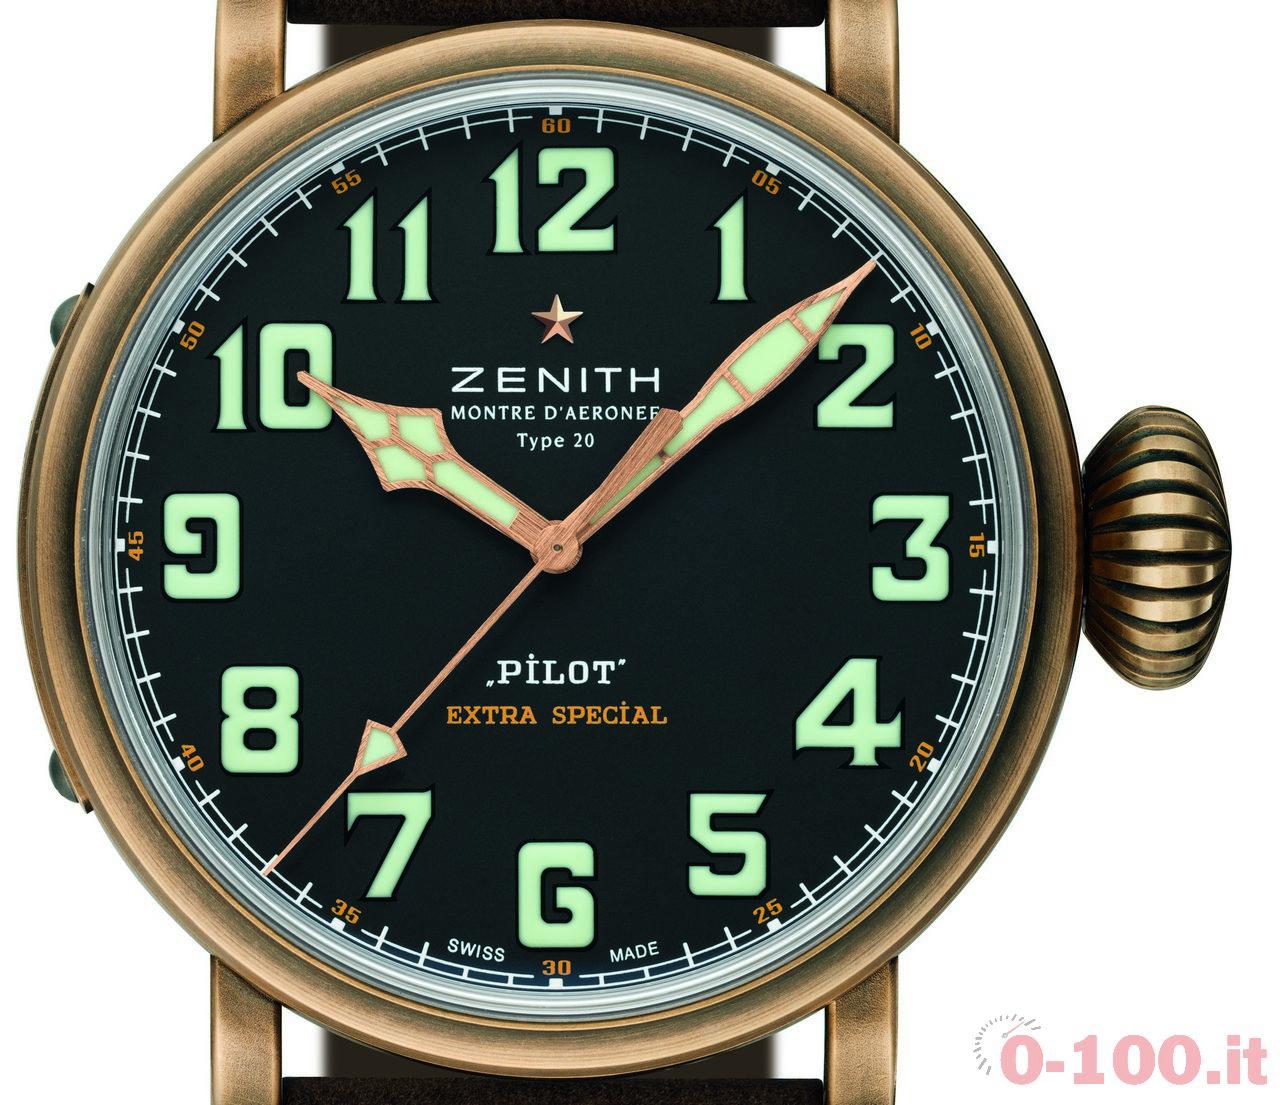 zenith-pilot-type-20-extra-special-ref-29-2430-67921-c753-price_0-1001